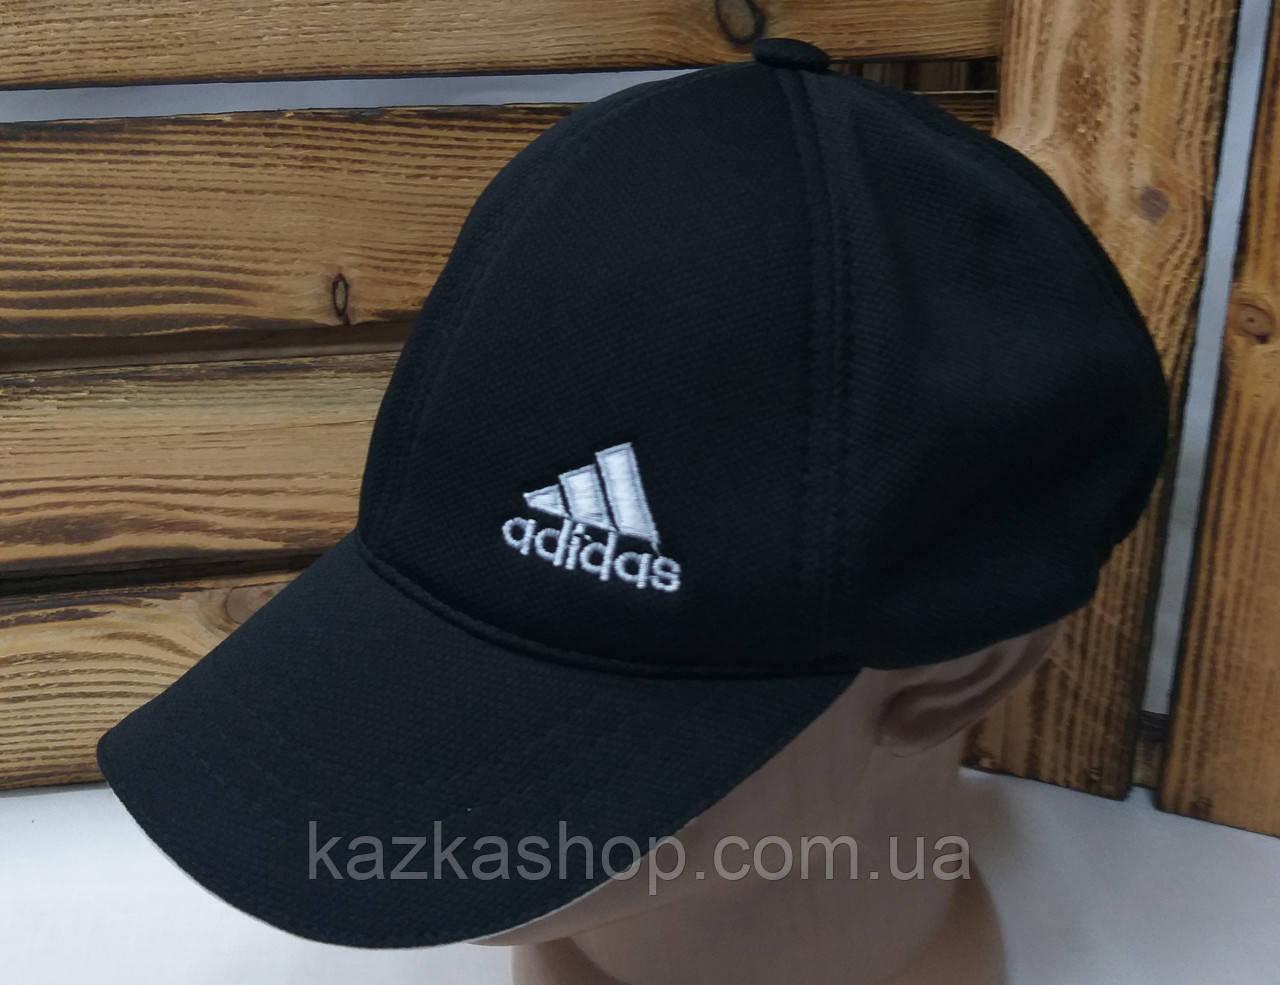 Мужская кепка в стиле Adidas (реплика) черного цвета, лакоста, сезон весна-лето, малая вышивка, на резинке